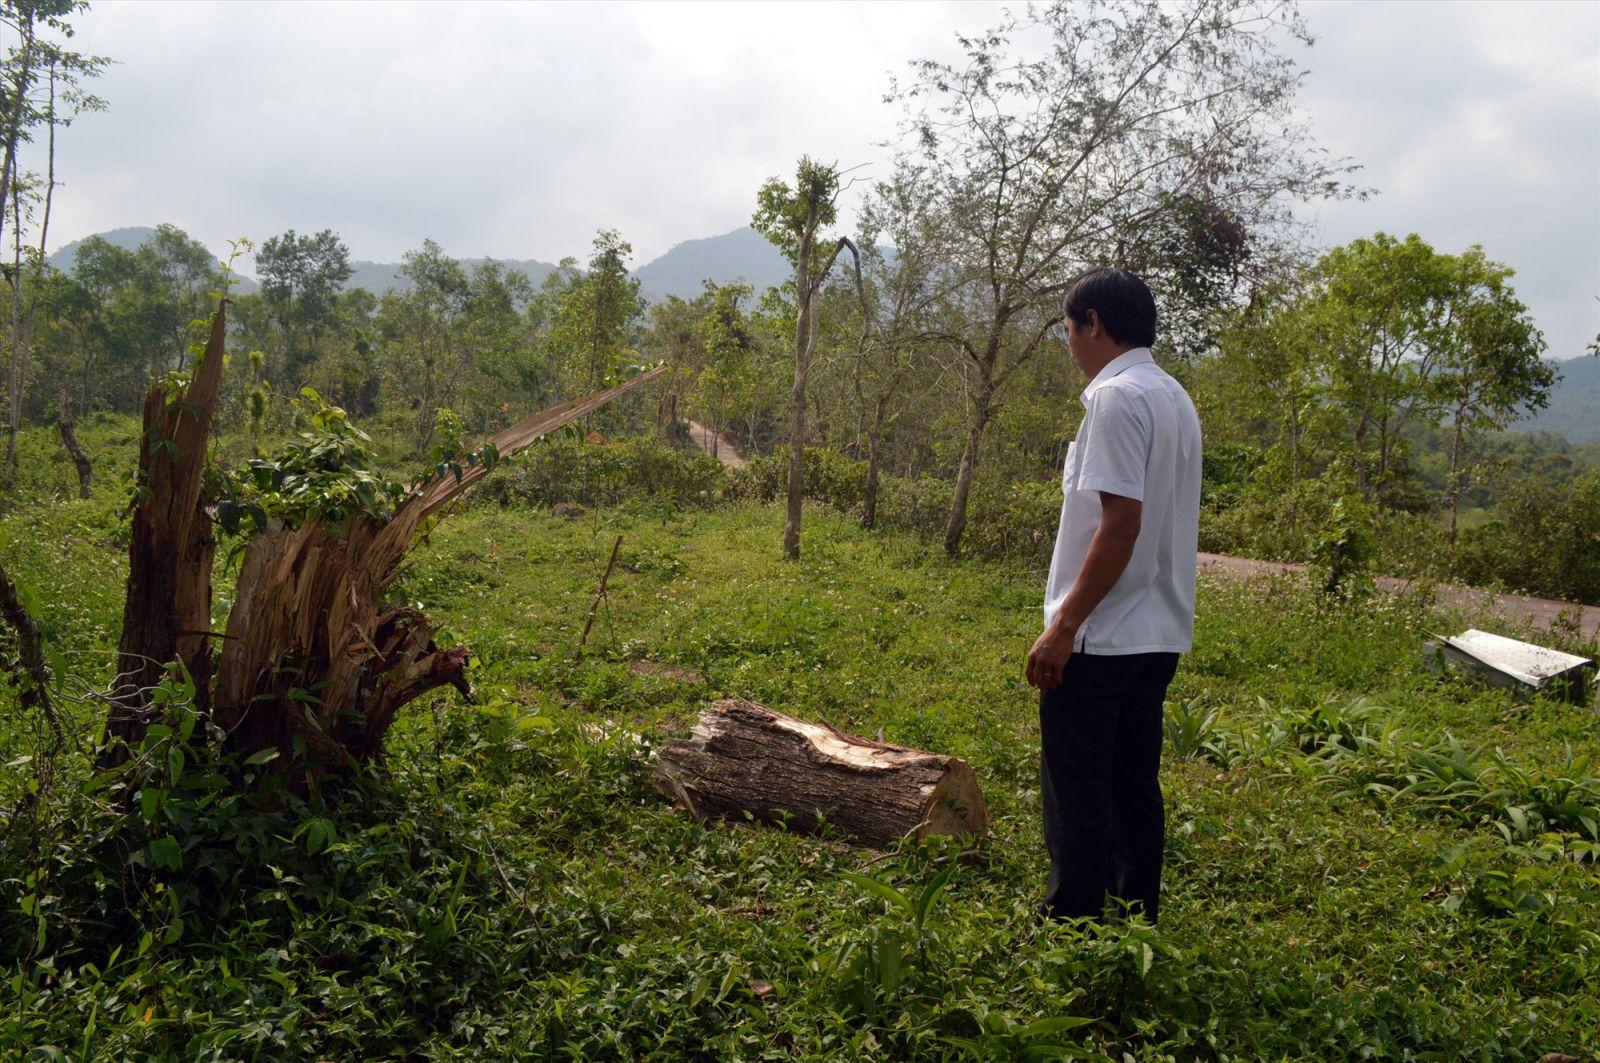 Hầu hết cây ngã đổ trong khu vực di tích Mỹ Sơn là keo lá tràm